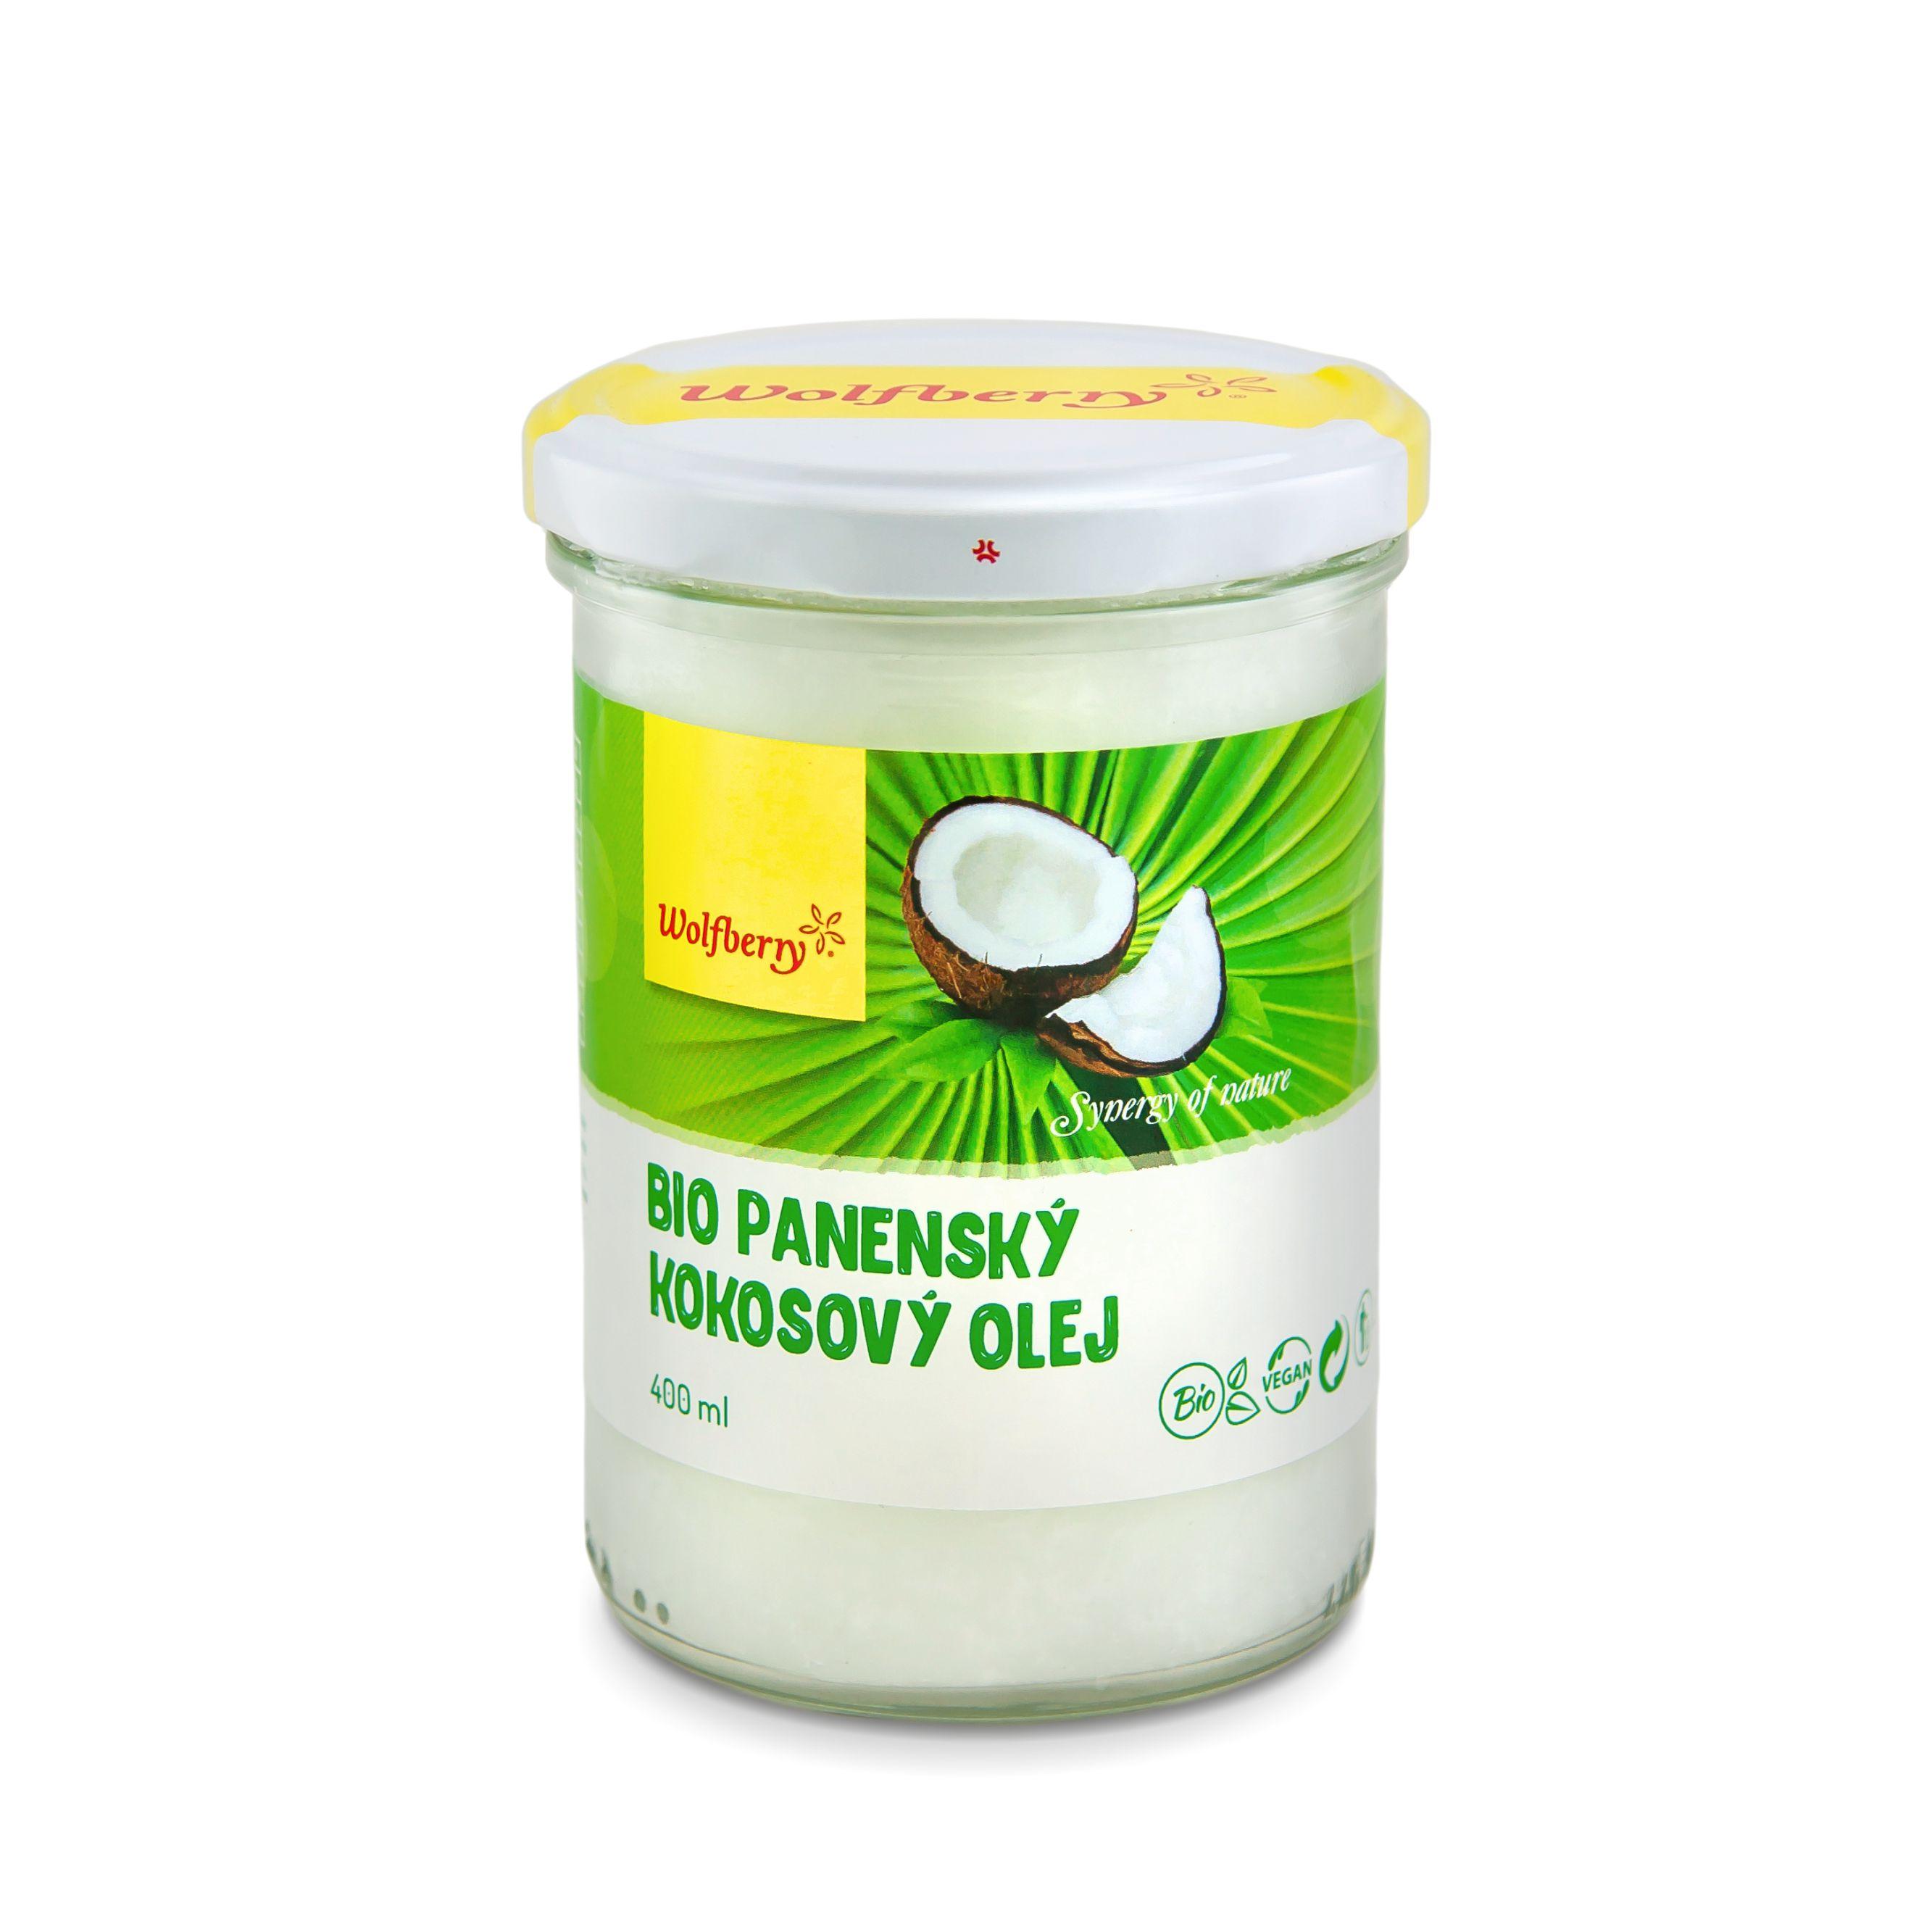 Szűz kókuszolaj, BIO, 400 ml Wolfberry *